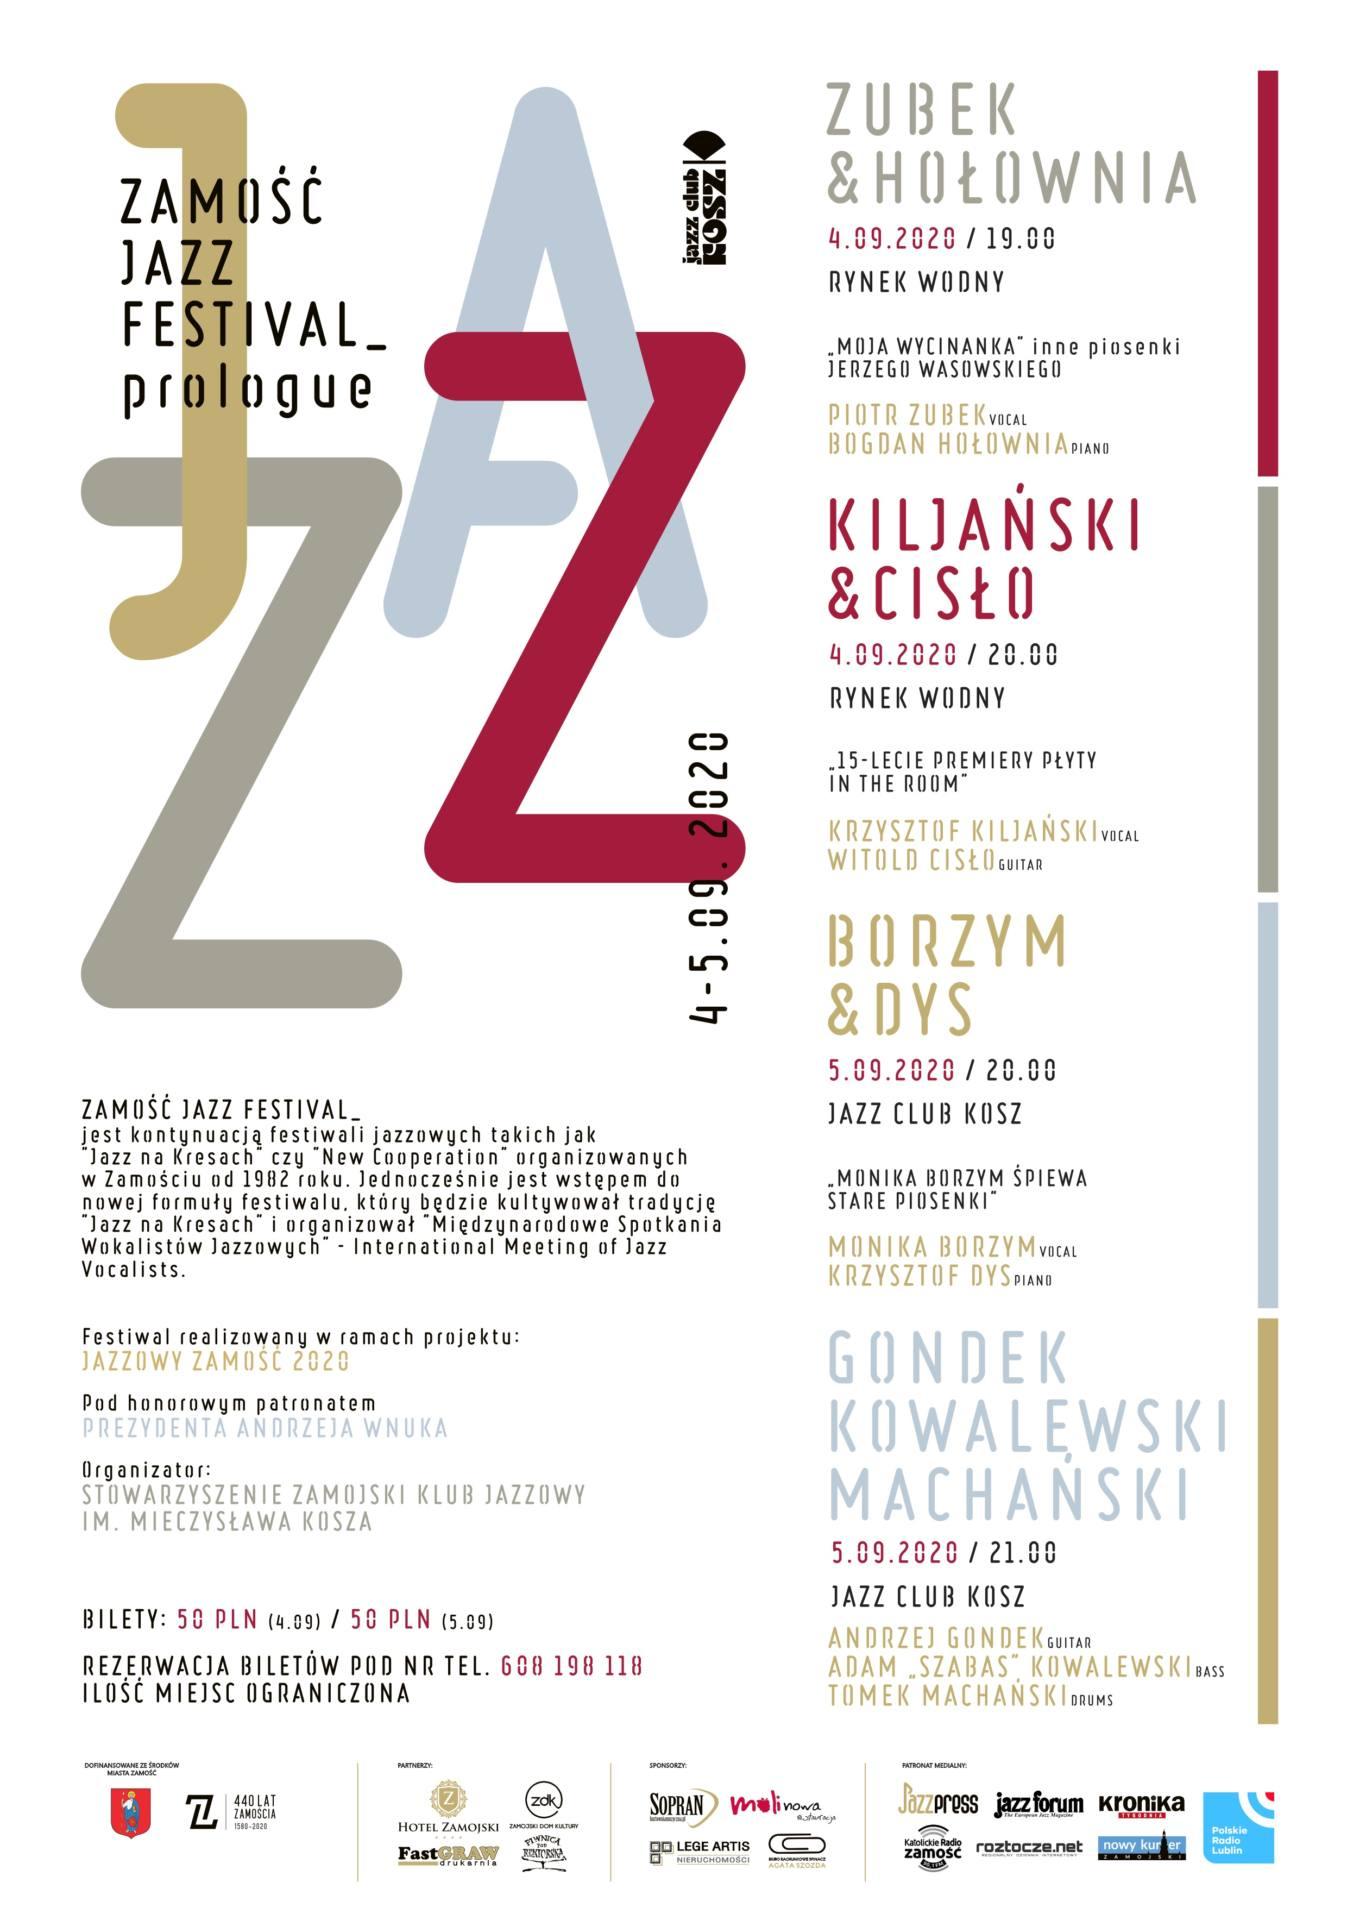 10840 afisz zamosc jazz festival Weekendowy plan wydarzeń